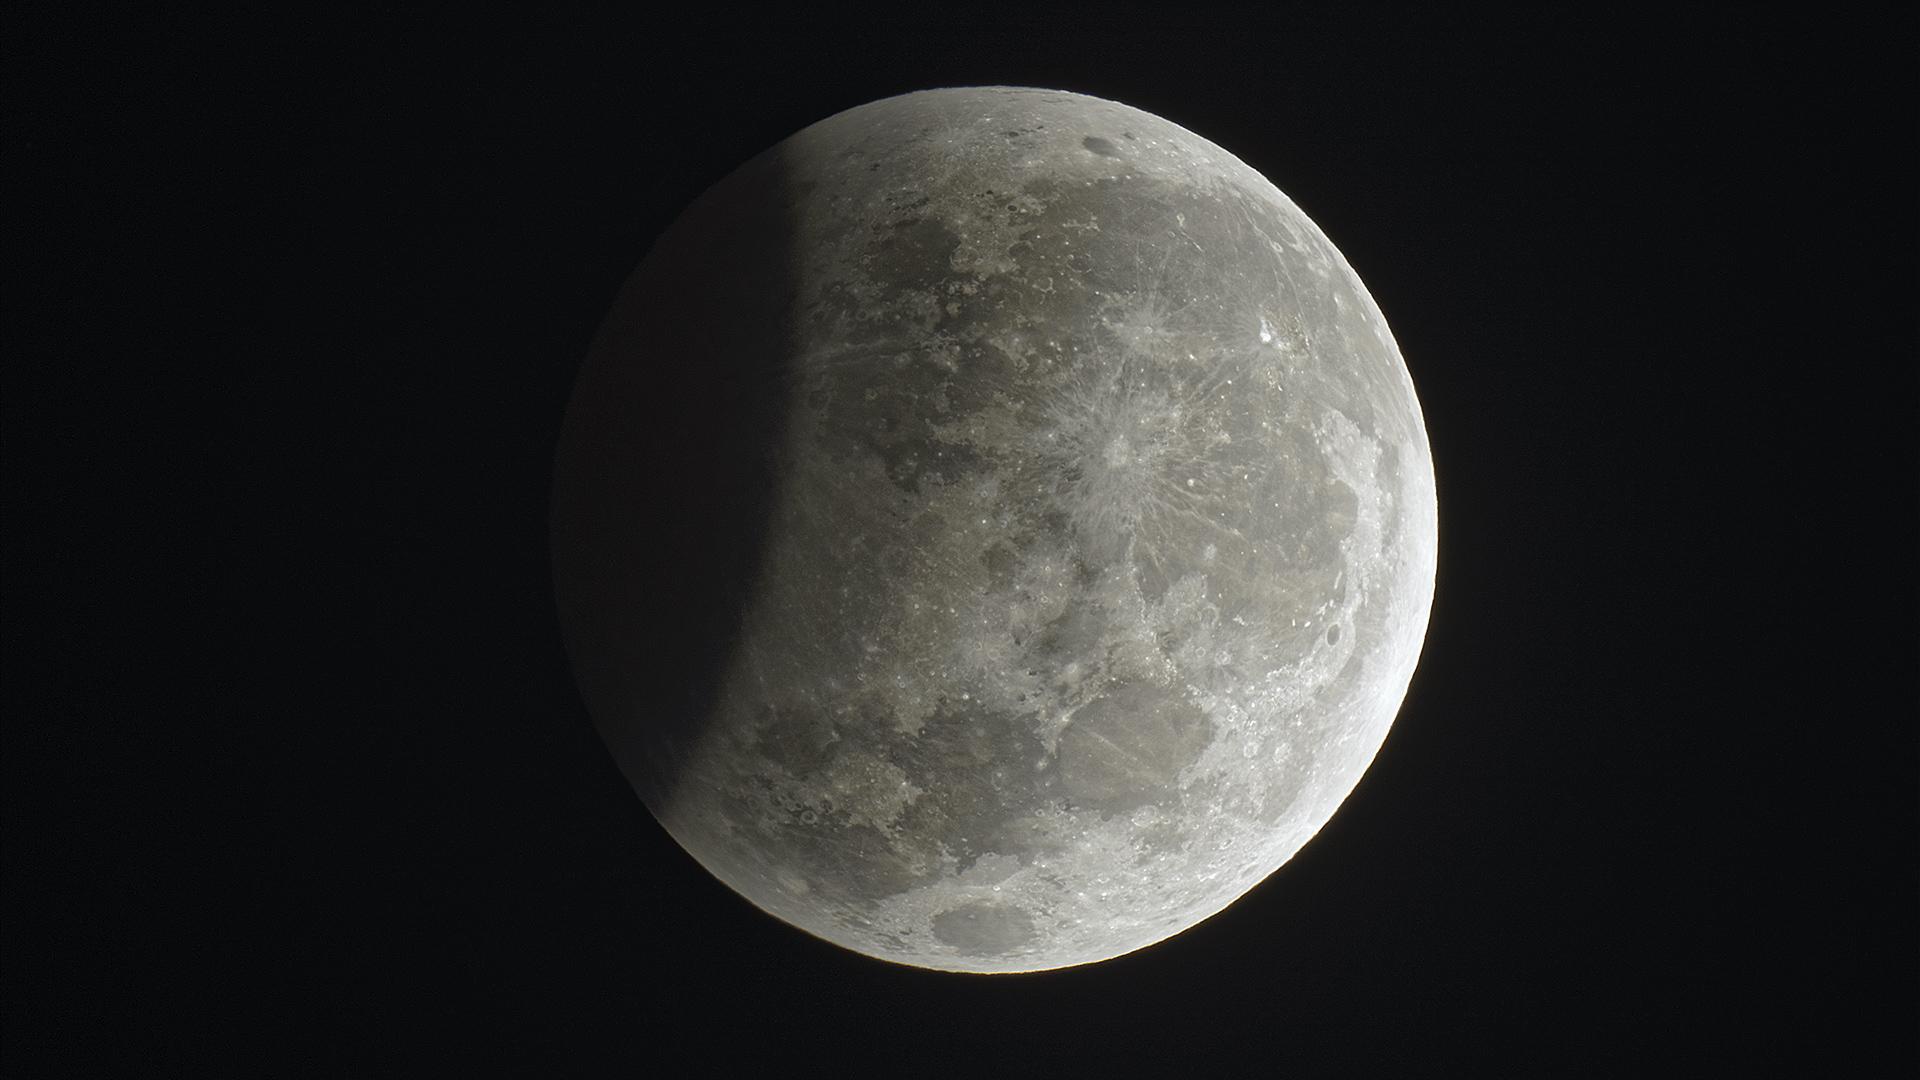 Nuevo eclipse lunar 2019: será el 16 de julio. ¿Desde dónde se lo podrá ver?